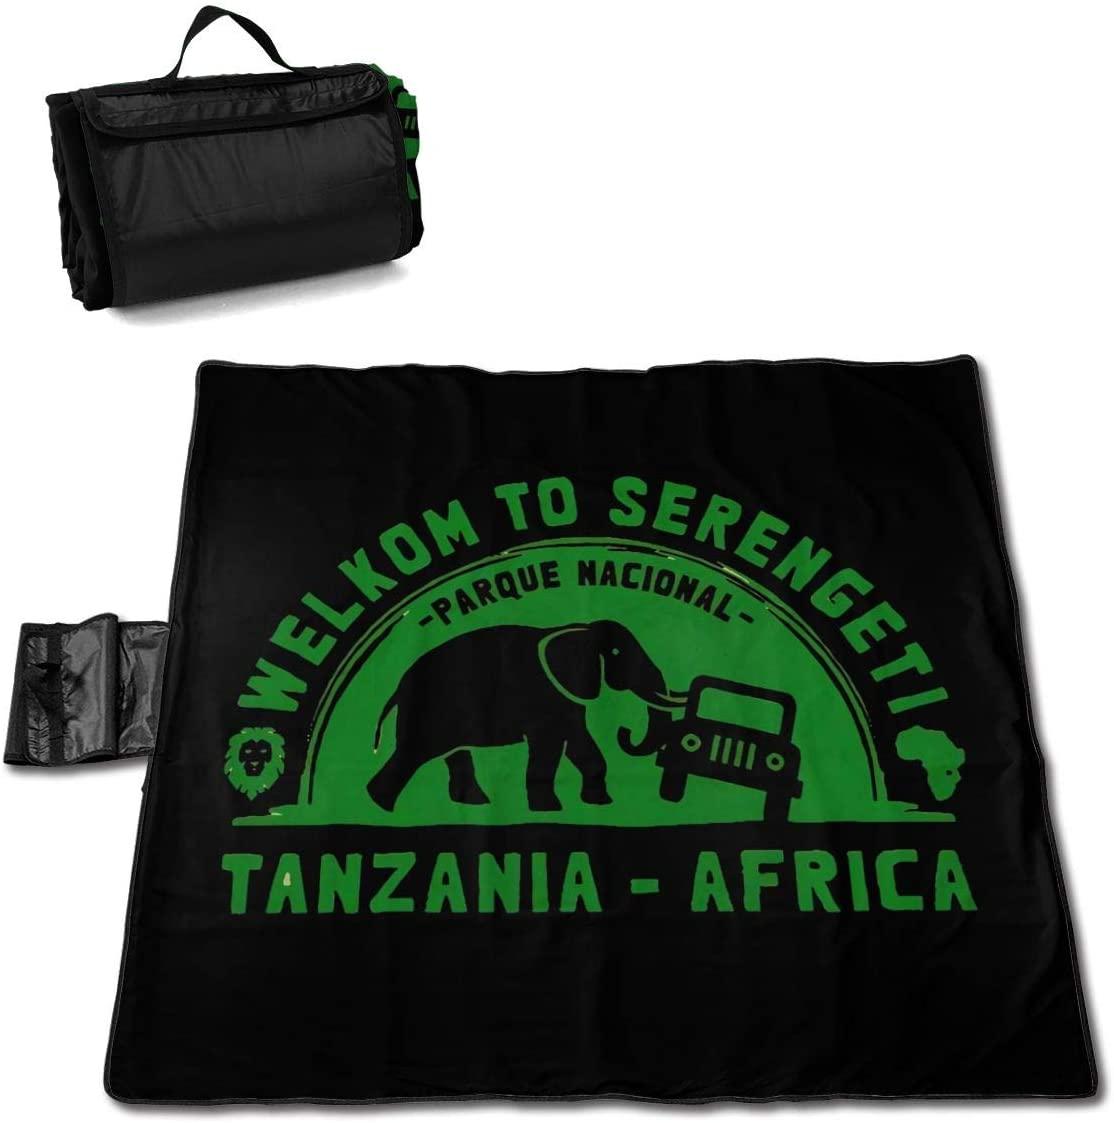 Kelo Serengeti National Park Portable Printed Picnic Blanket Waterproof 59x57(in)